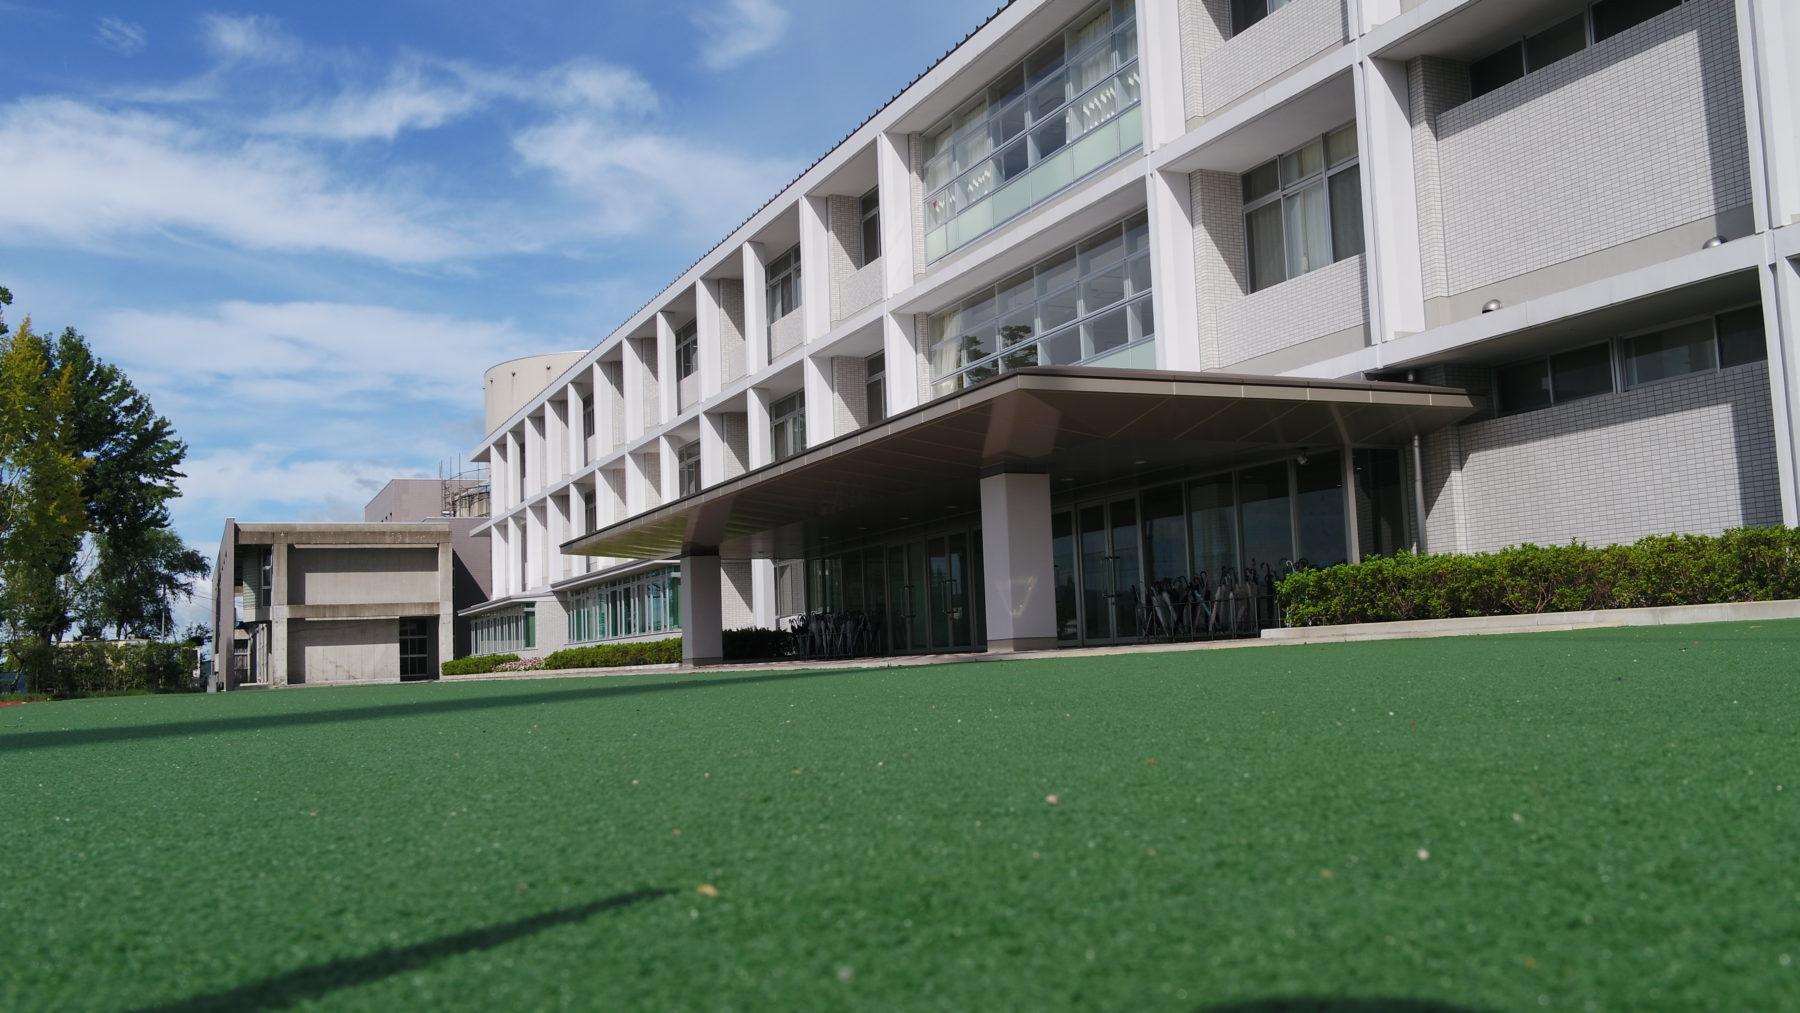 【中学・高校】学園内を360°、バーチャル体験できます。